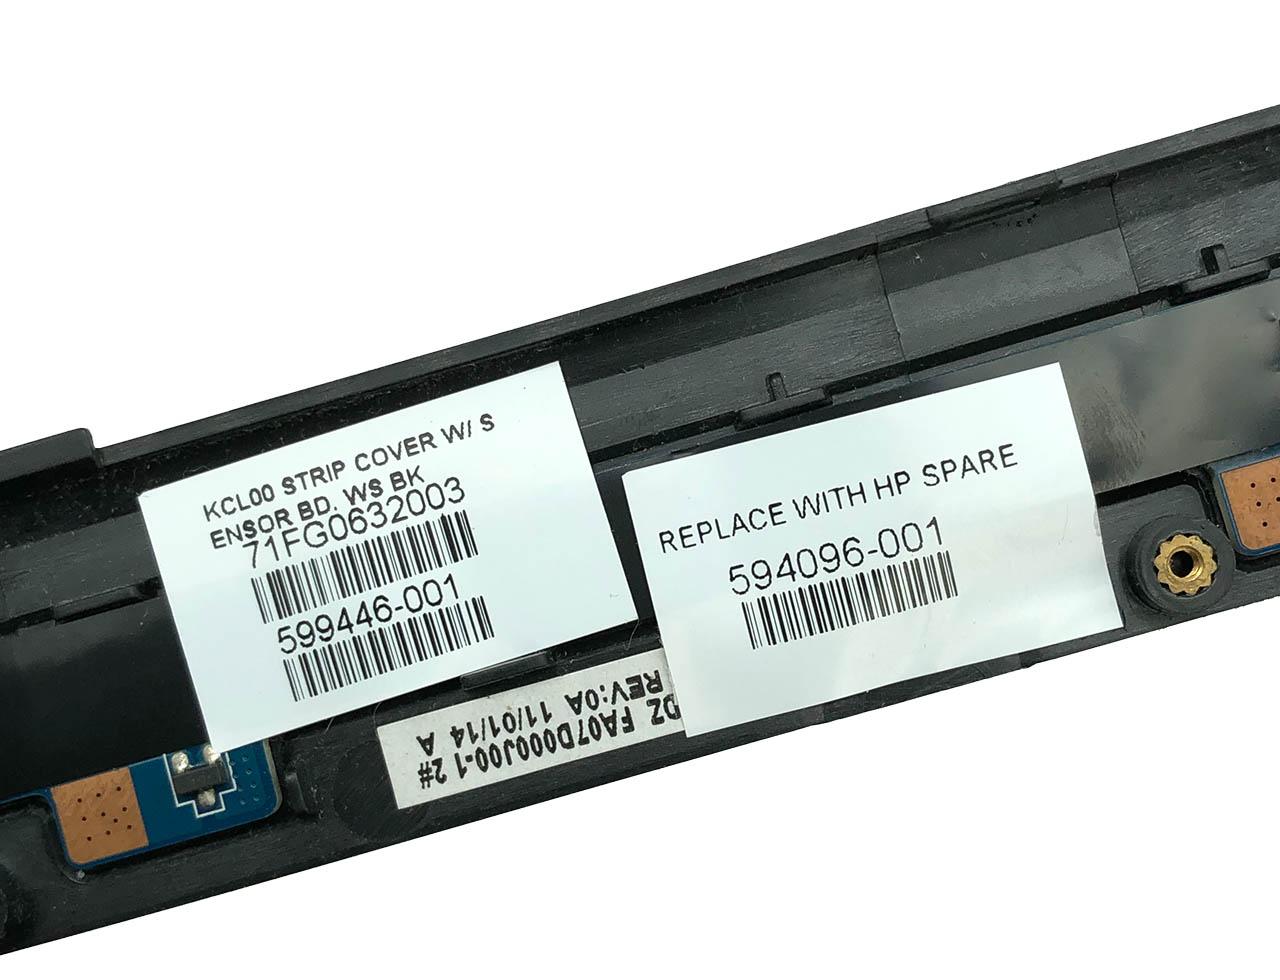 惠普HP Elitebook 8440P 开关盖板面板 音量调节指示灯板LS-4907P Switch Cover LCD Board 594095-001